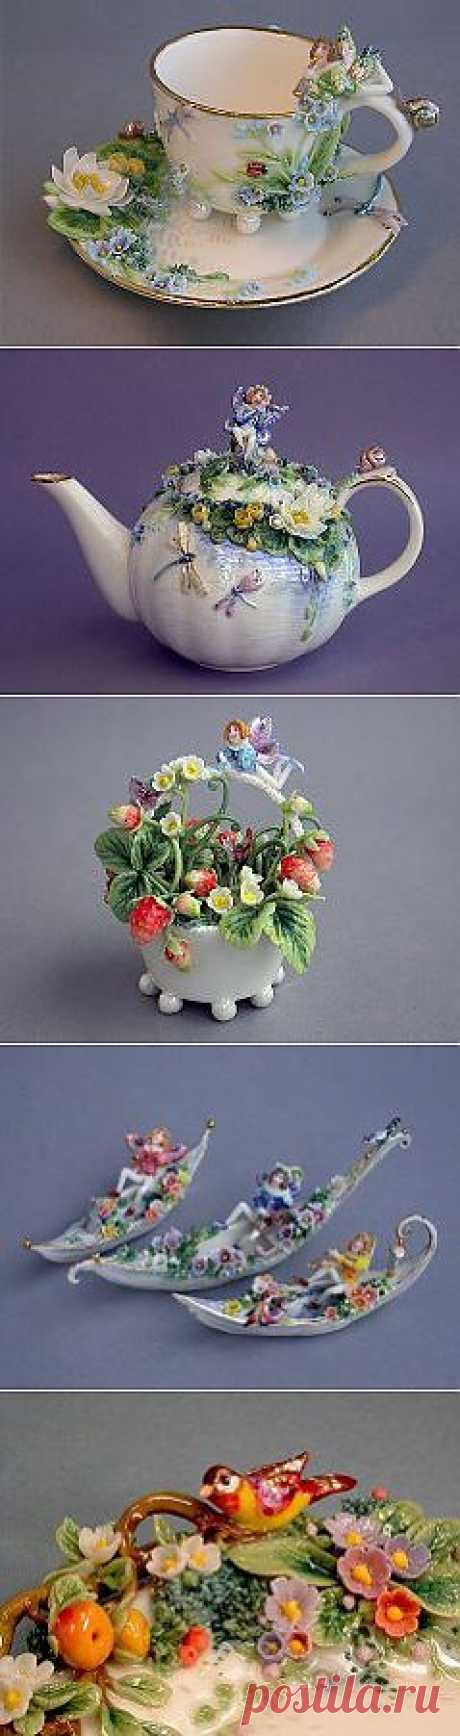 цветочный фарфор